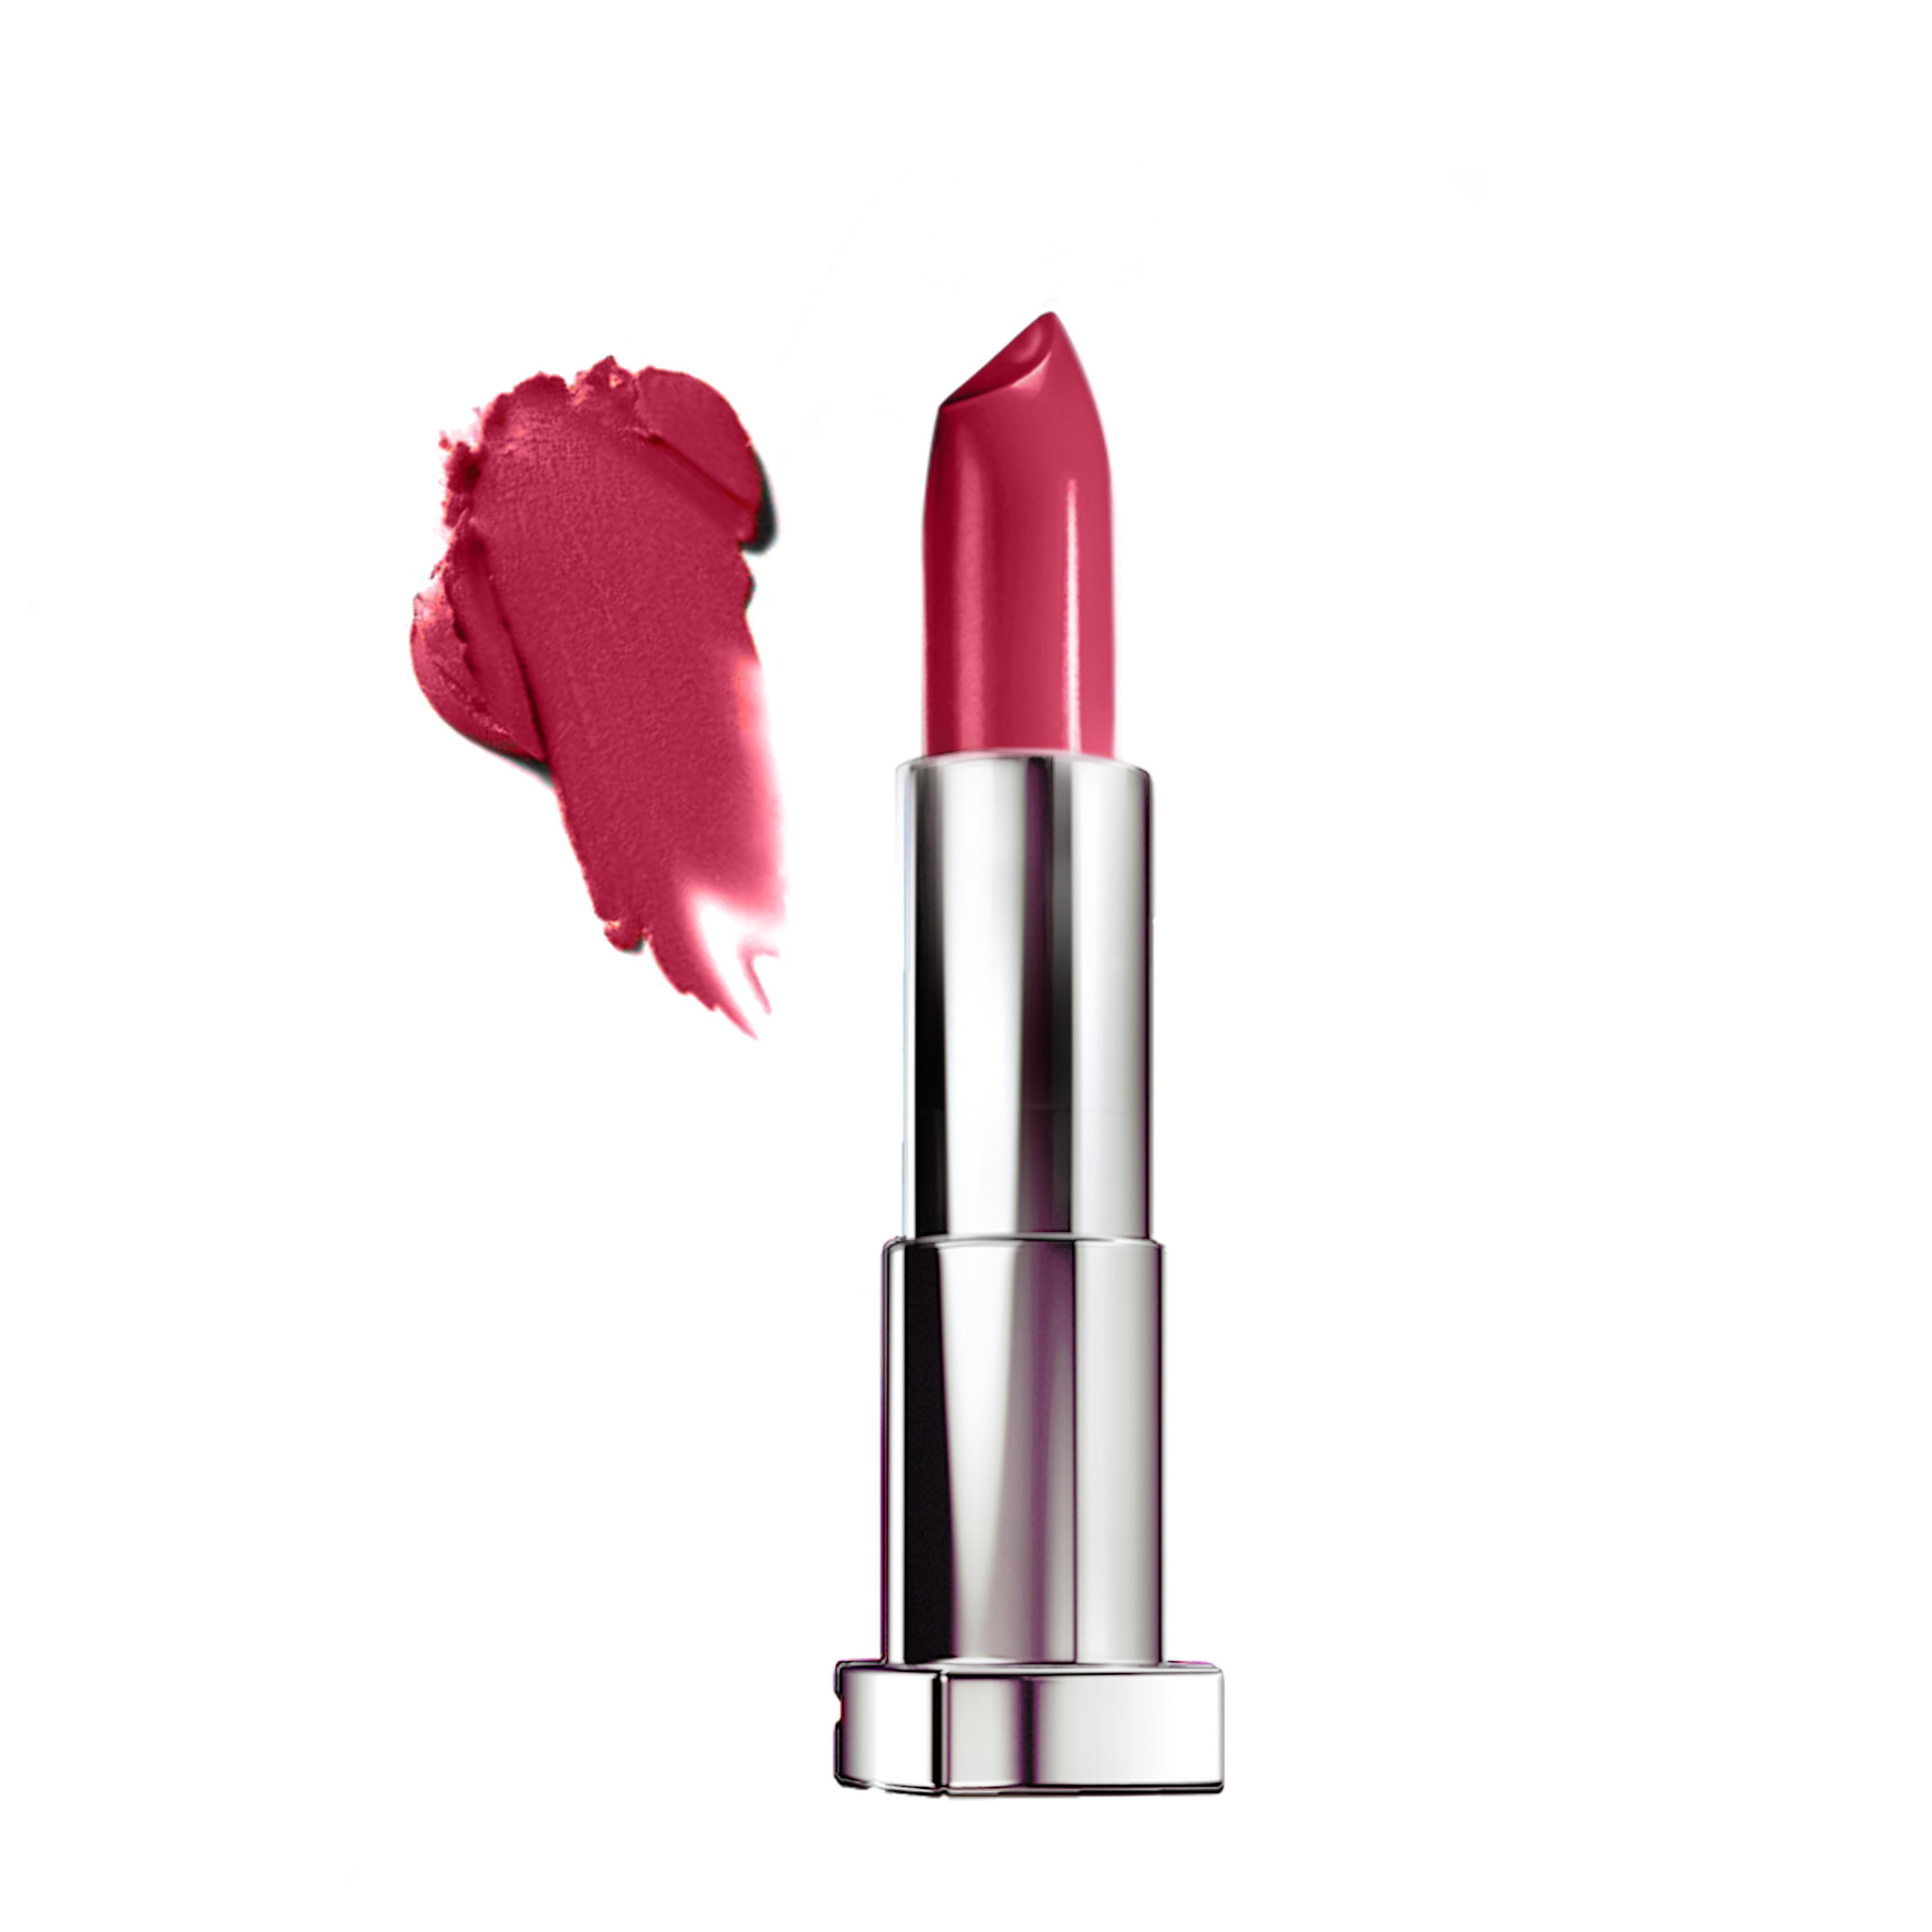 رژ لب میبلین مدل Color Sensational شماره 315 - آلویی